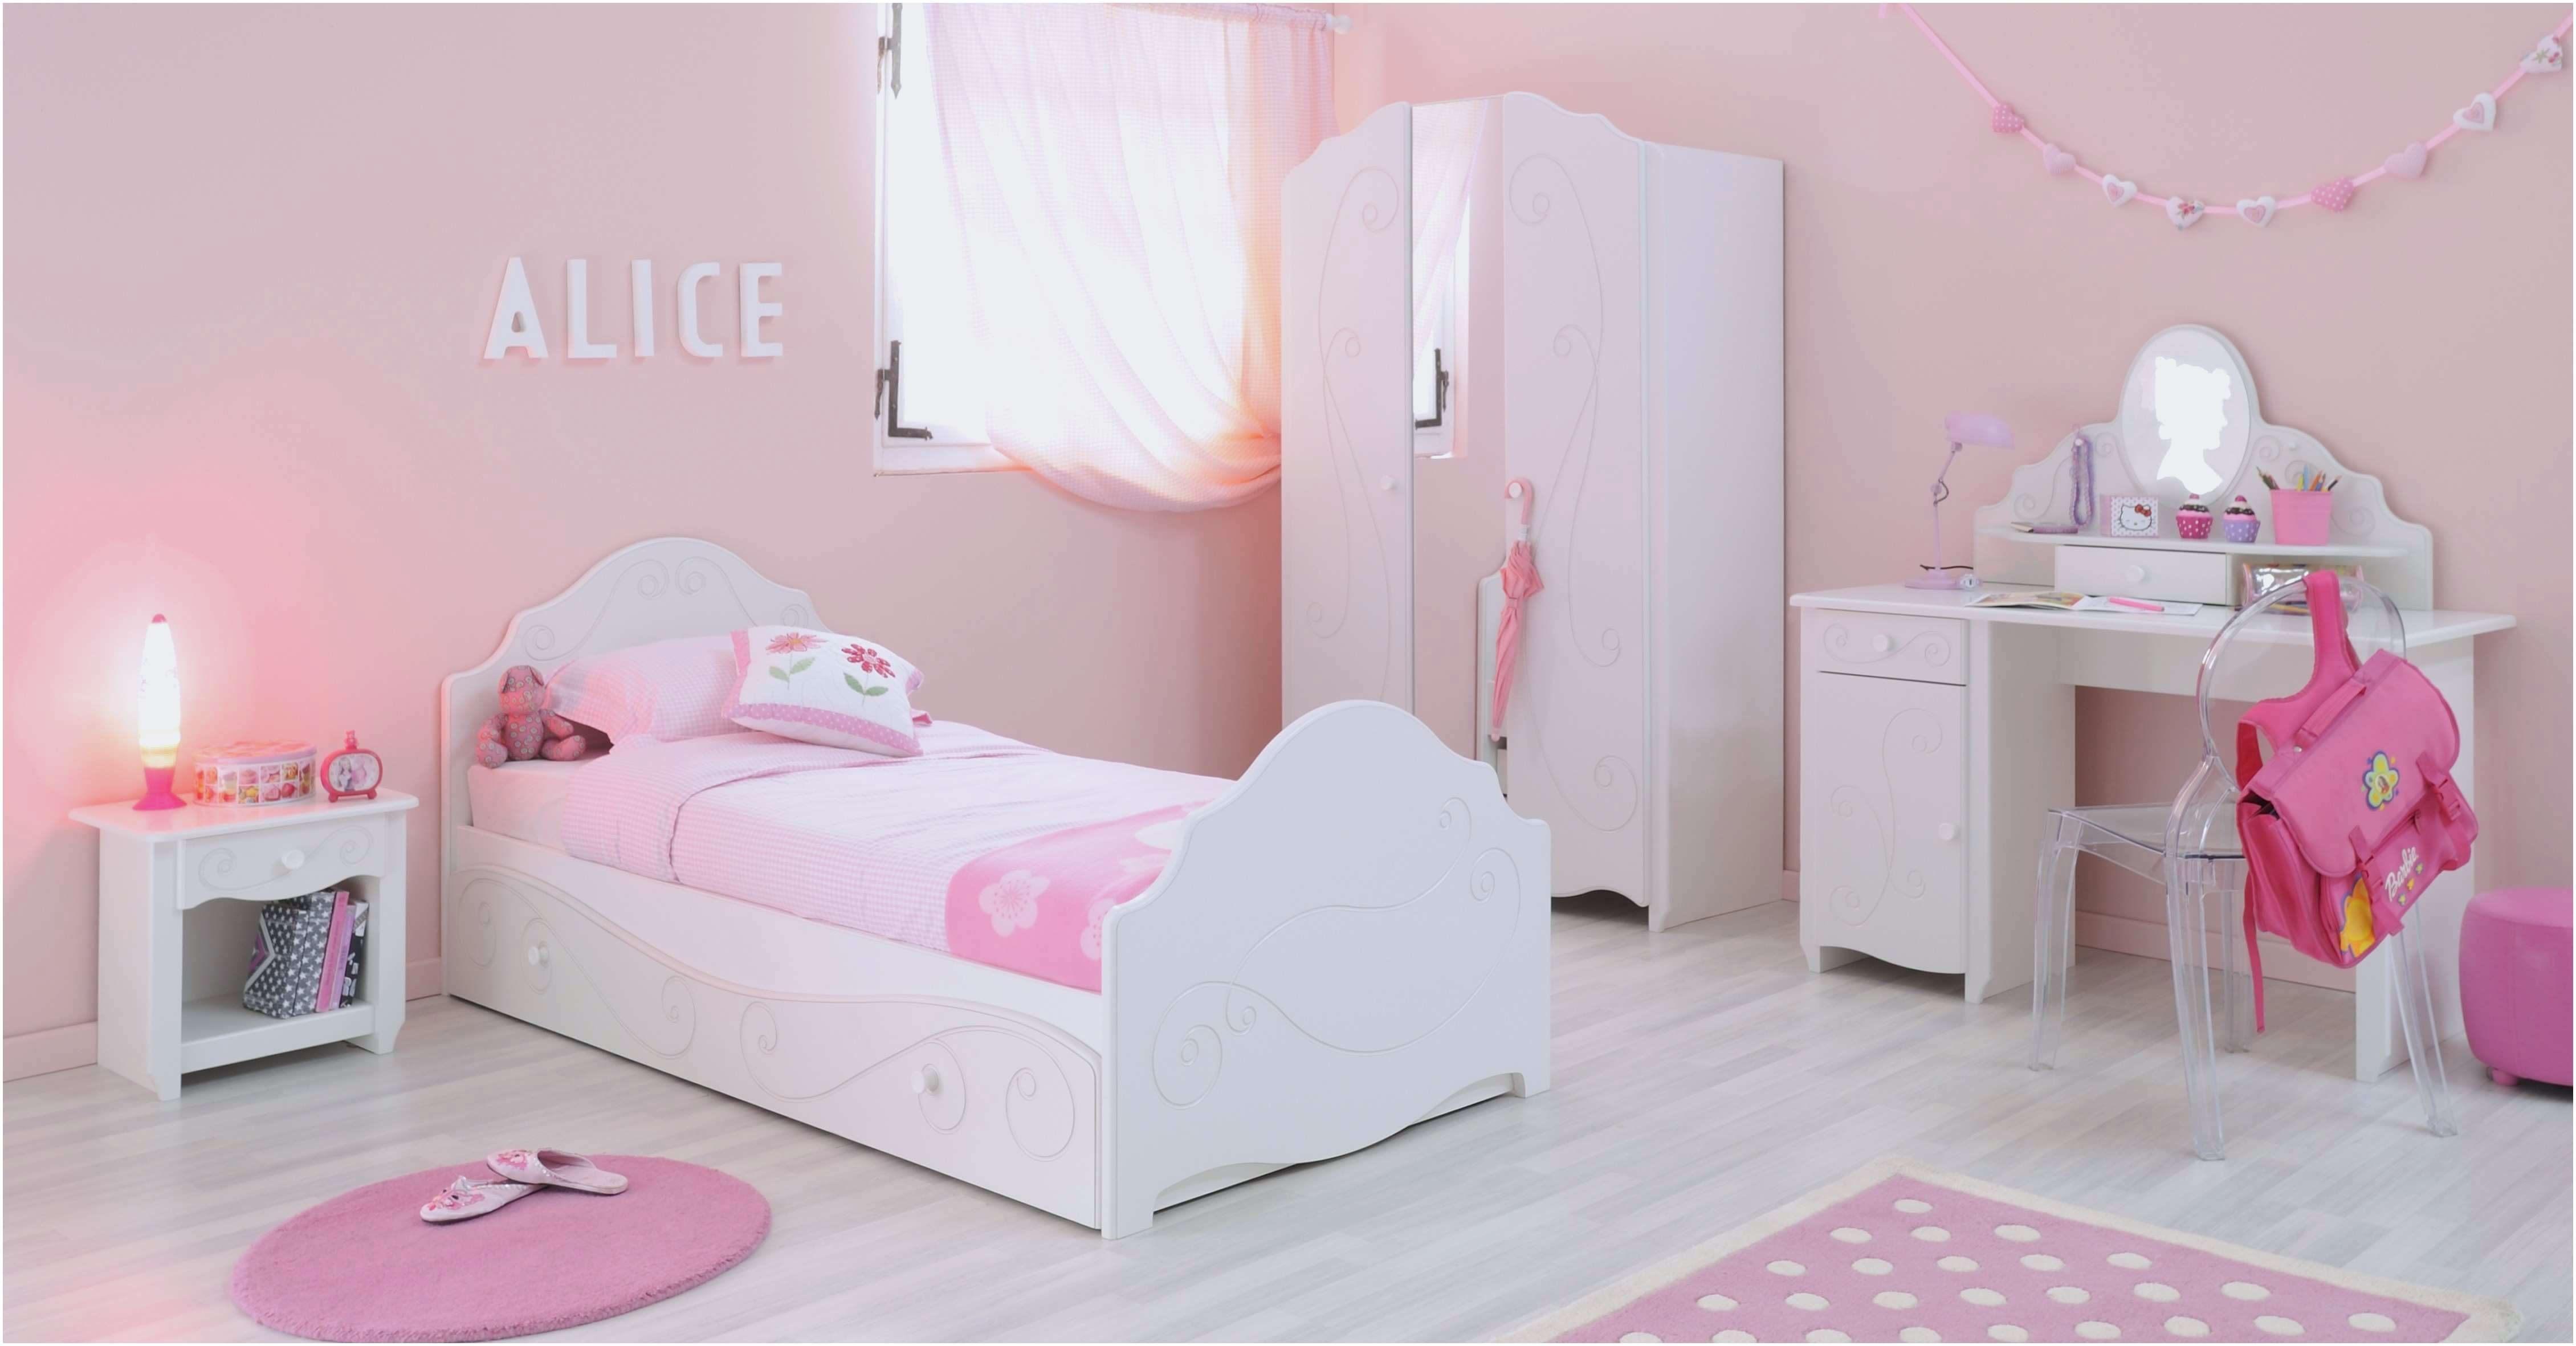 Lit Superposé Bébé Inspirant Elégant 14 Unique Rideau Lit Superposé Pour Choix Rideau Chambre